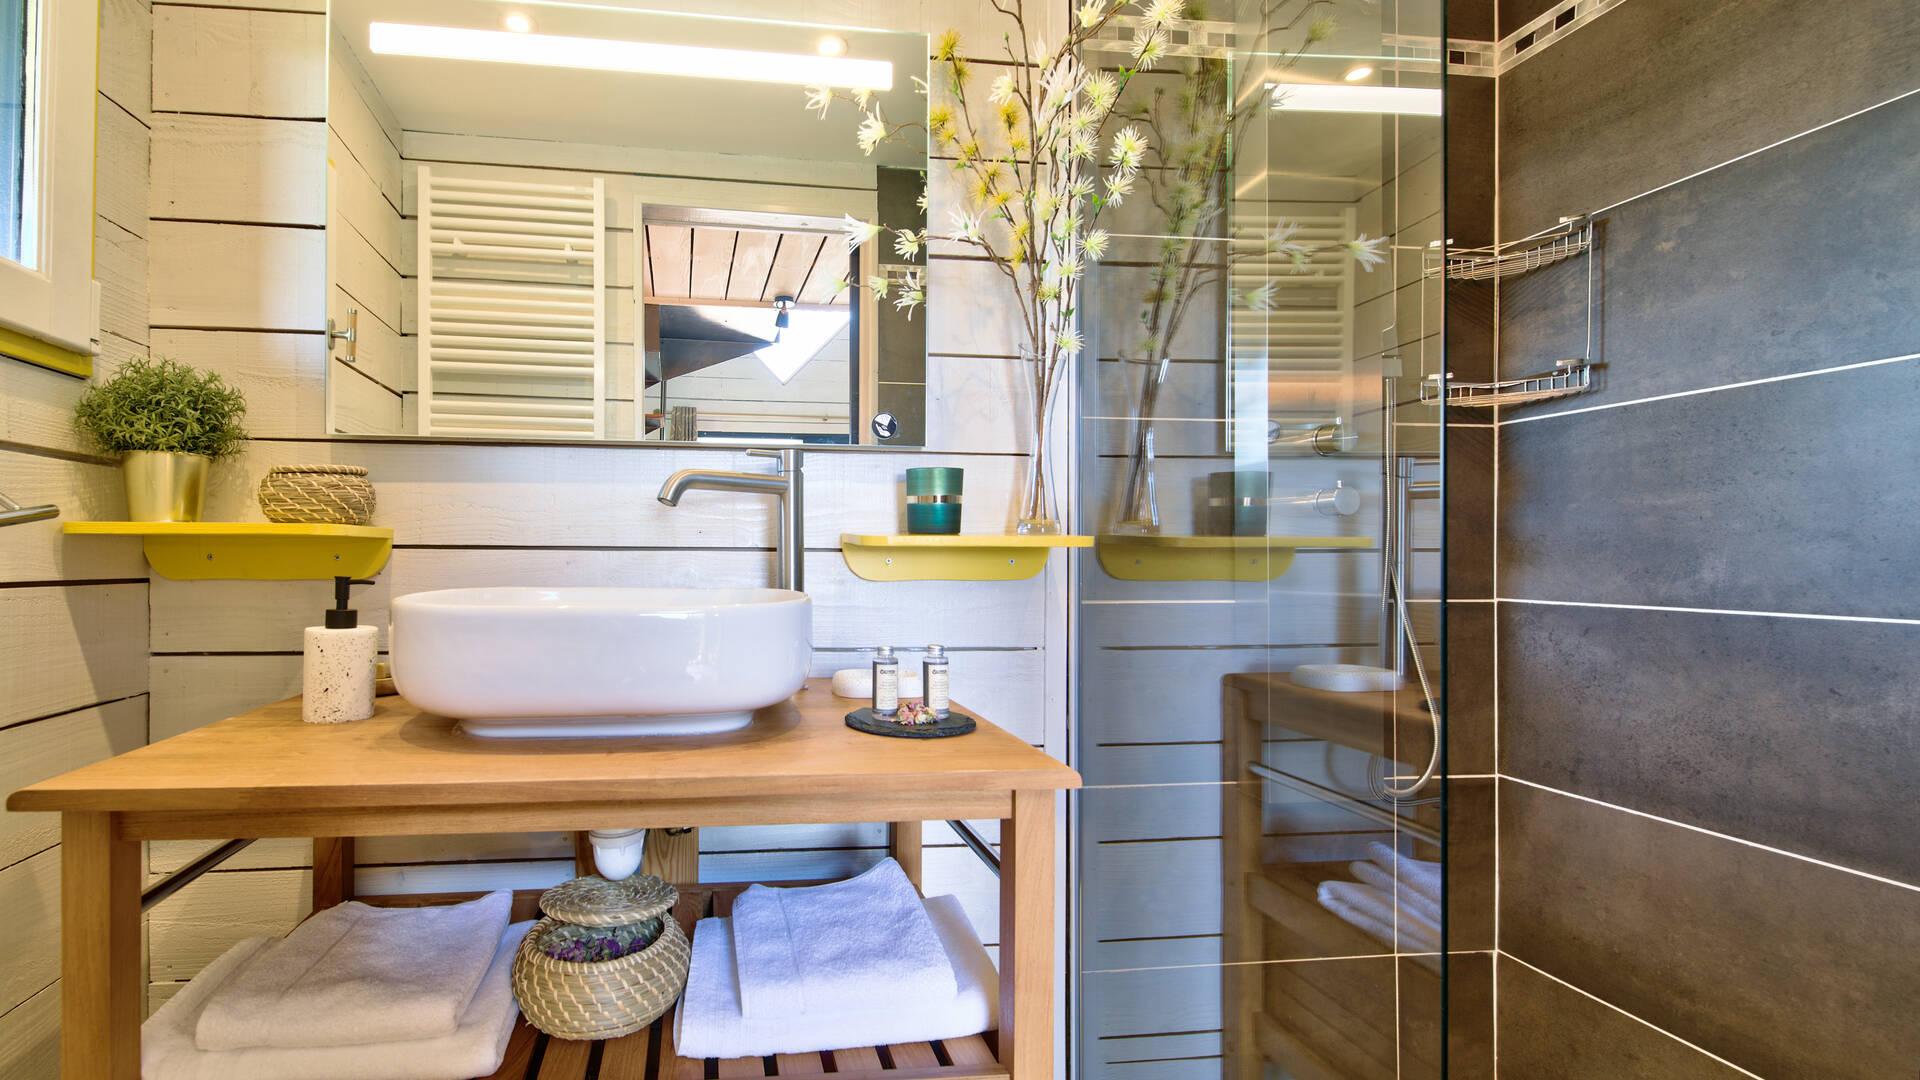 Bathroom, B&B Saga, Savignac-Mona, Lombez, Samatan, Savès, Gers, Gascogne, France